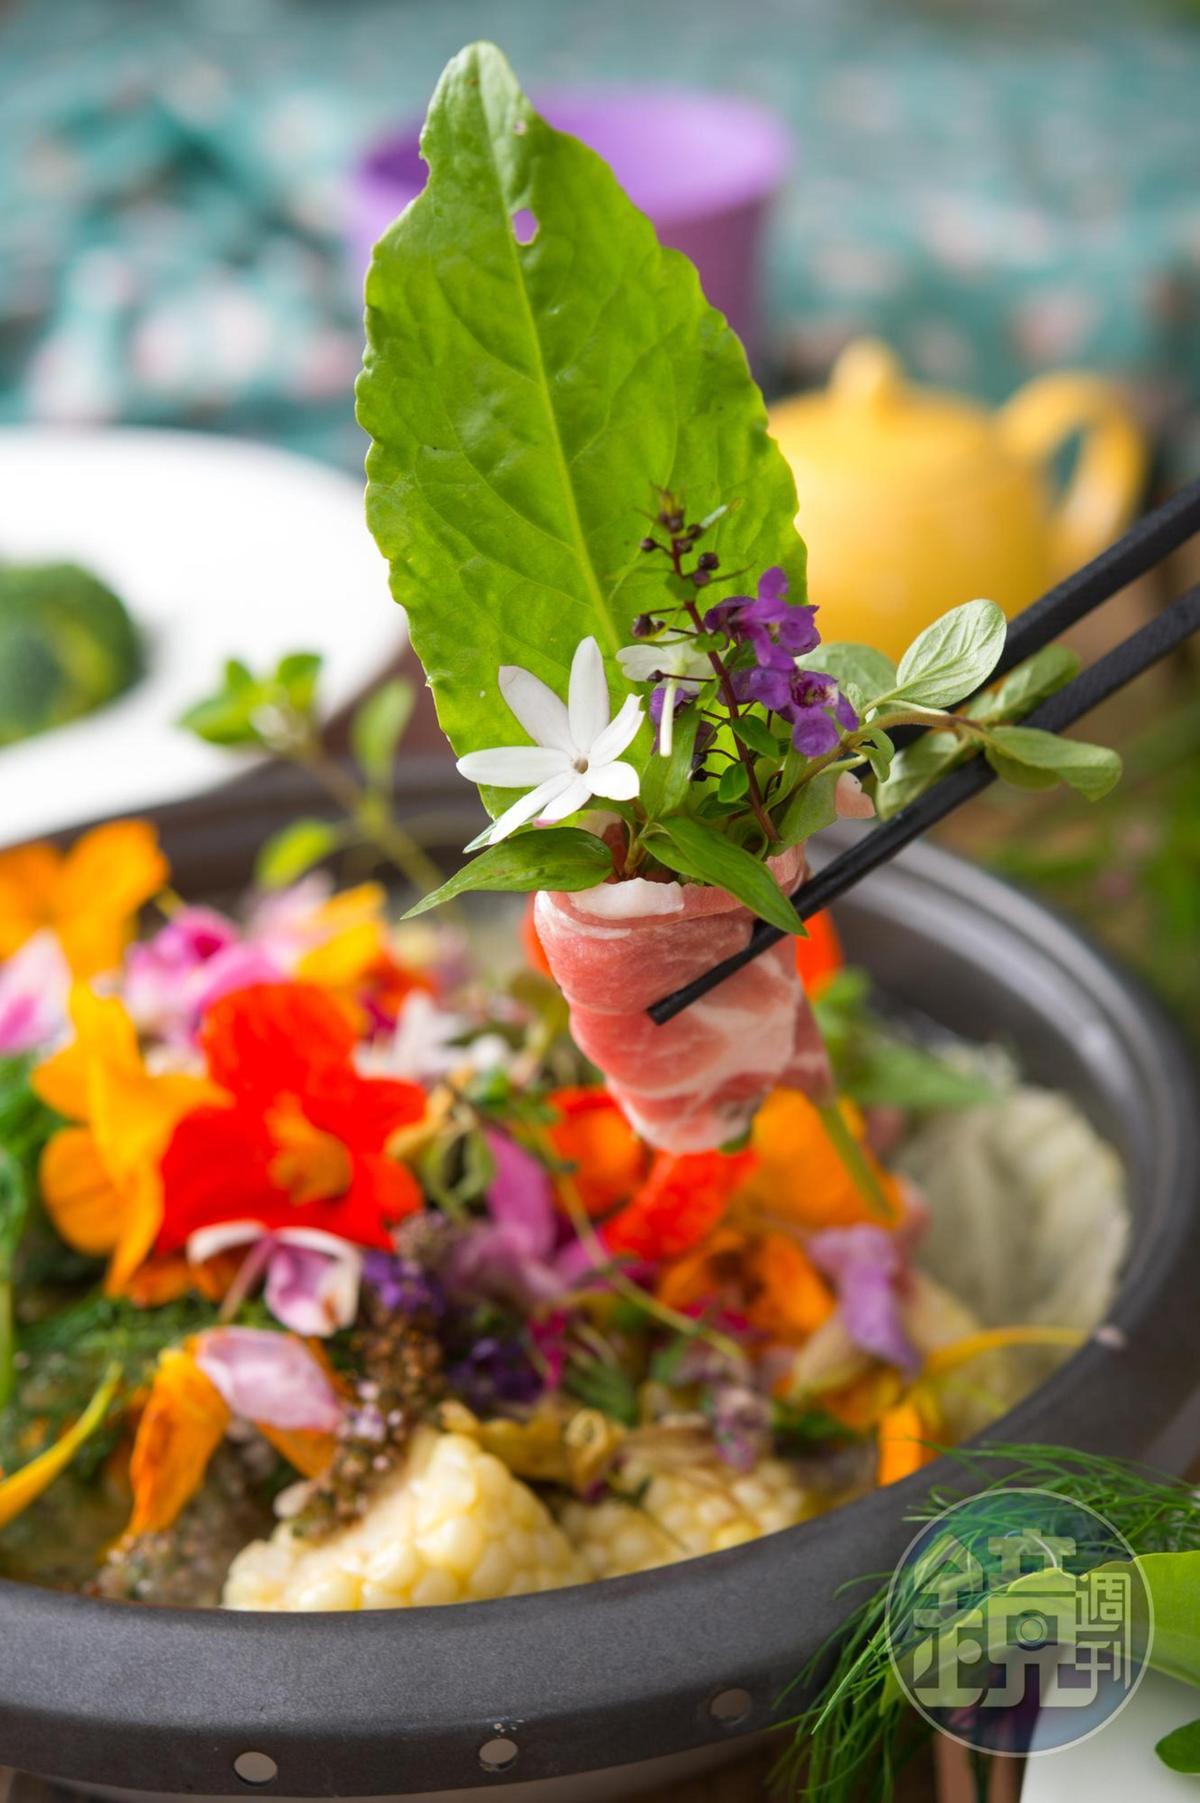 「香草束花火鍋」,其中「第一把香草束」鍋,形如深秋的花園水池,香草氣息濃郁。(陽明山時光香草花卉農園,800元套餐菜色)